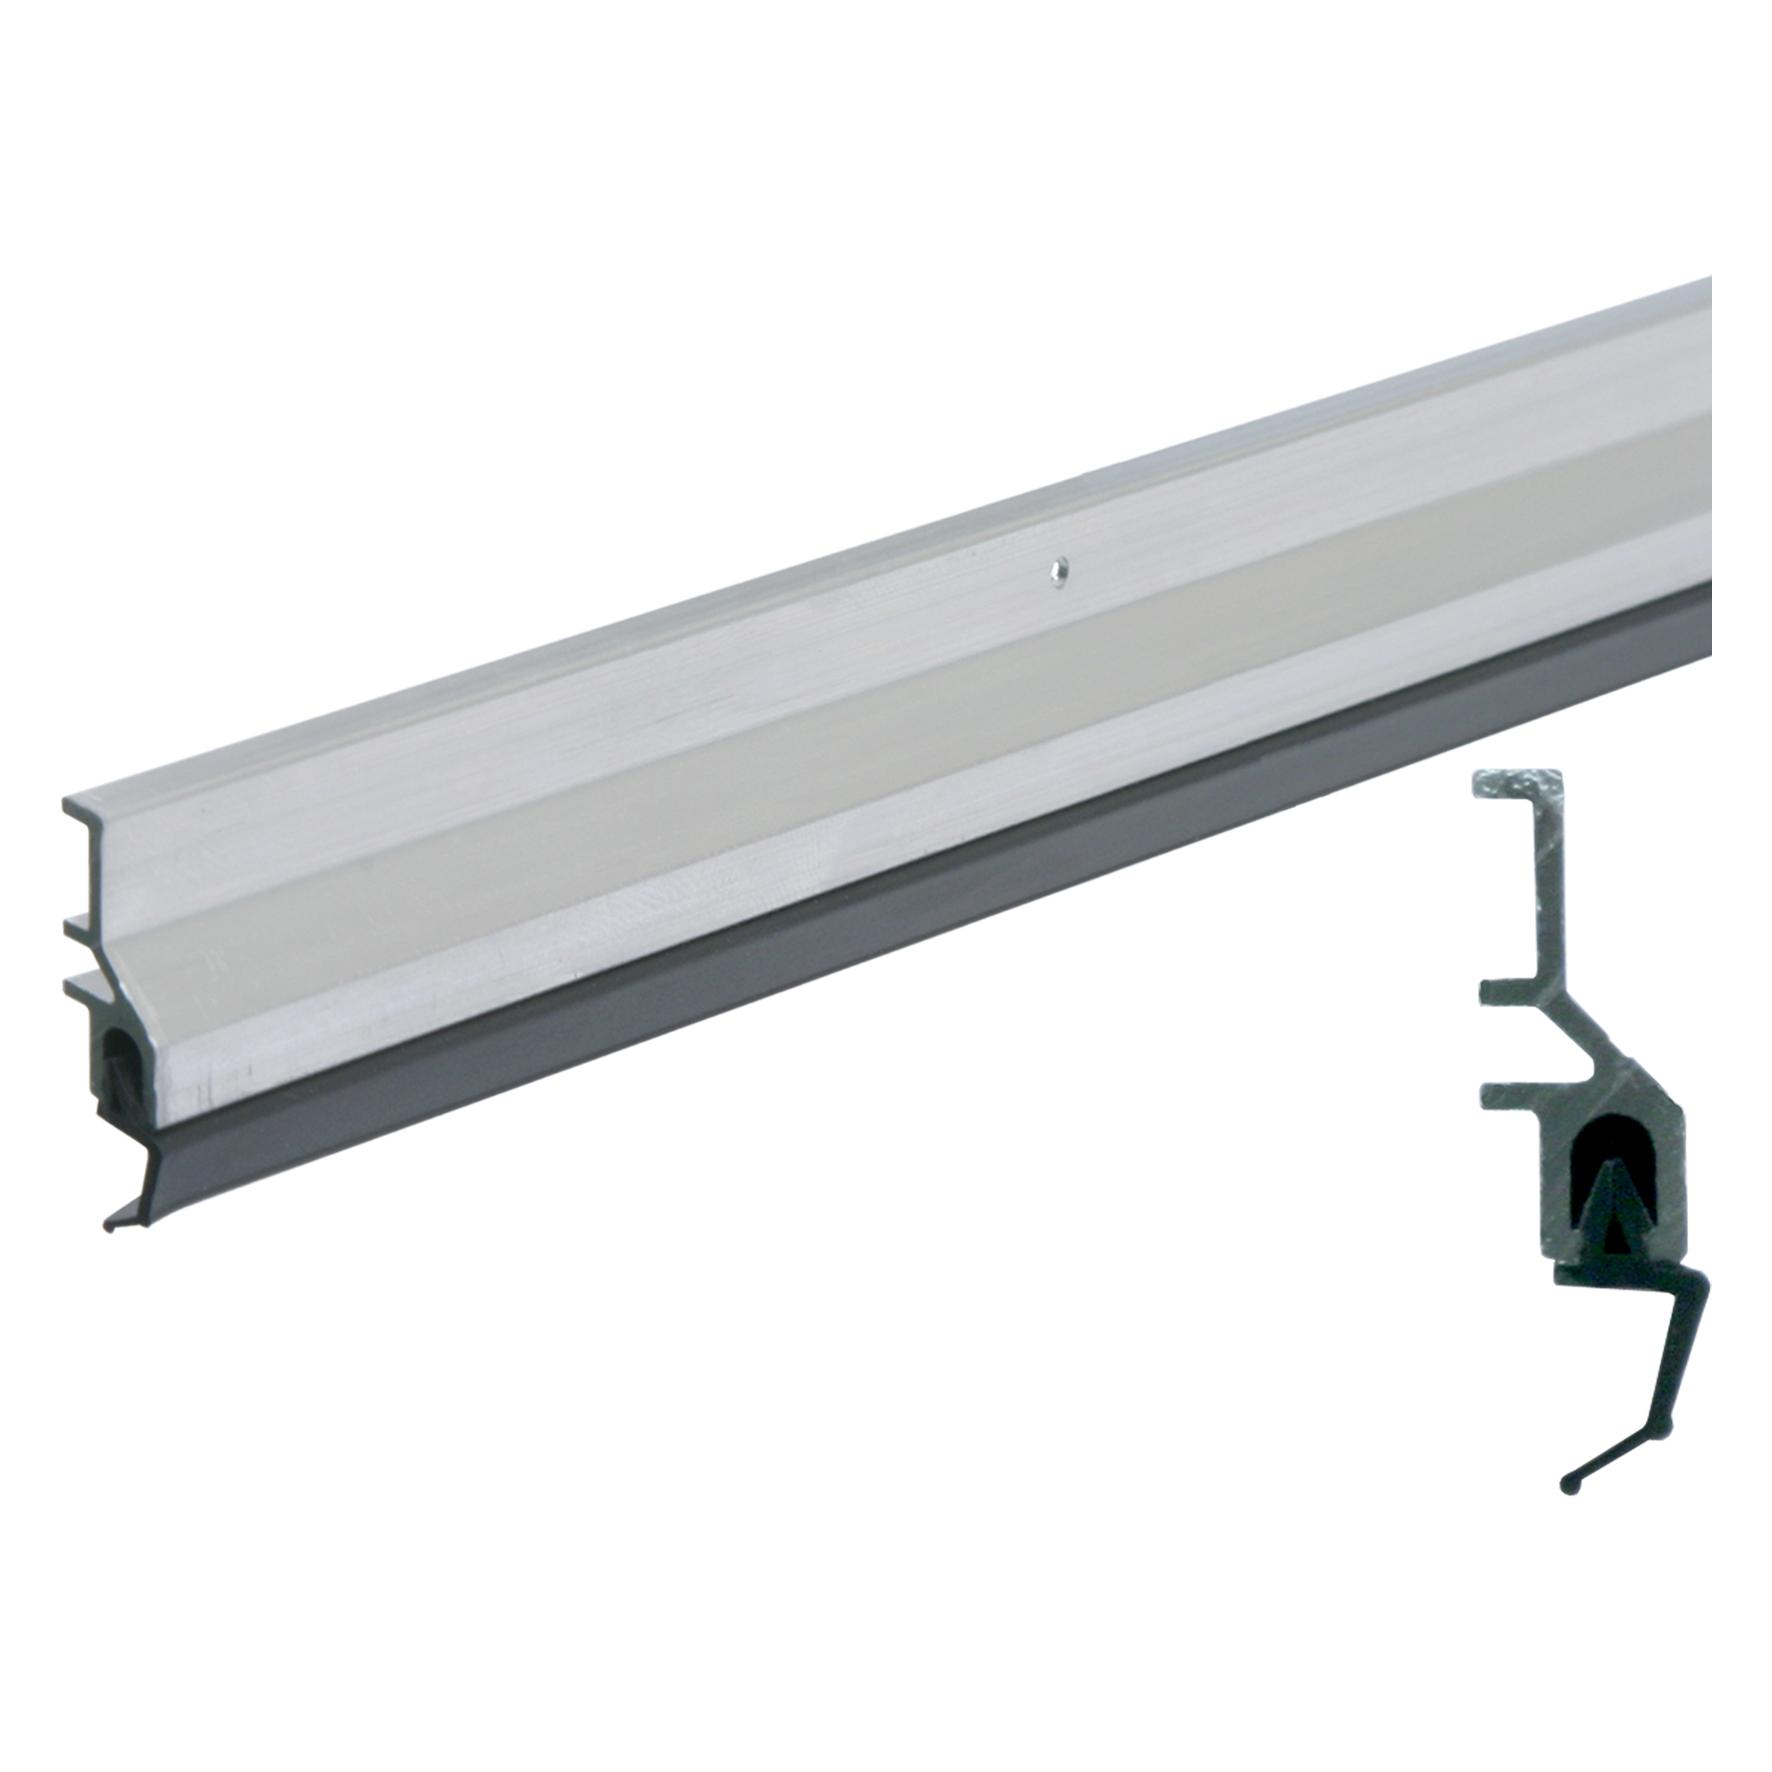 Ellen - Tochtstrip ats - aluminium - 230cm